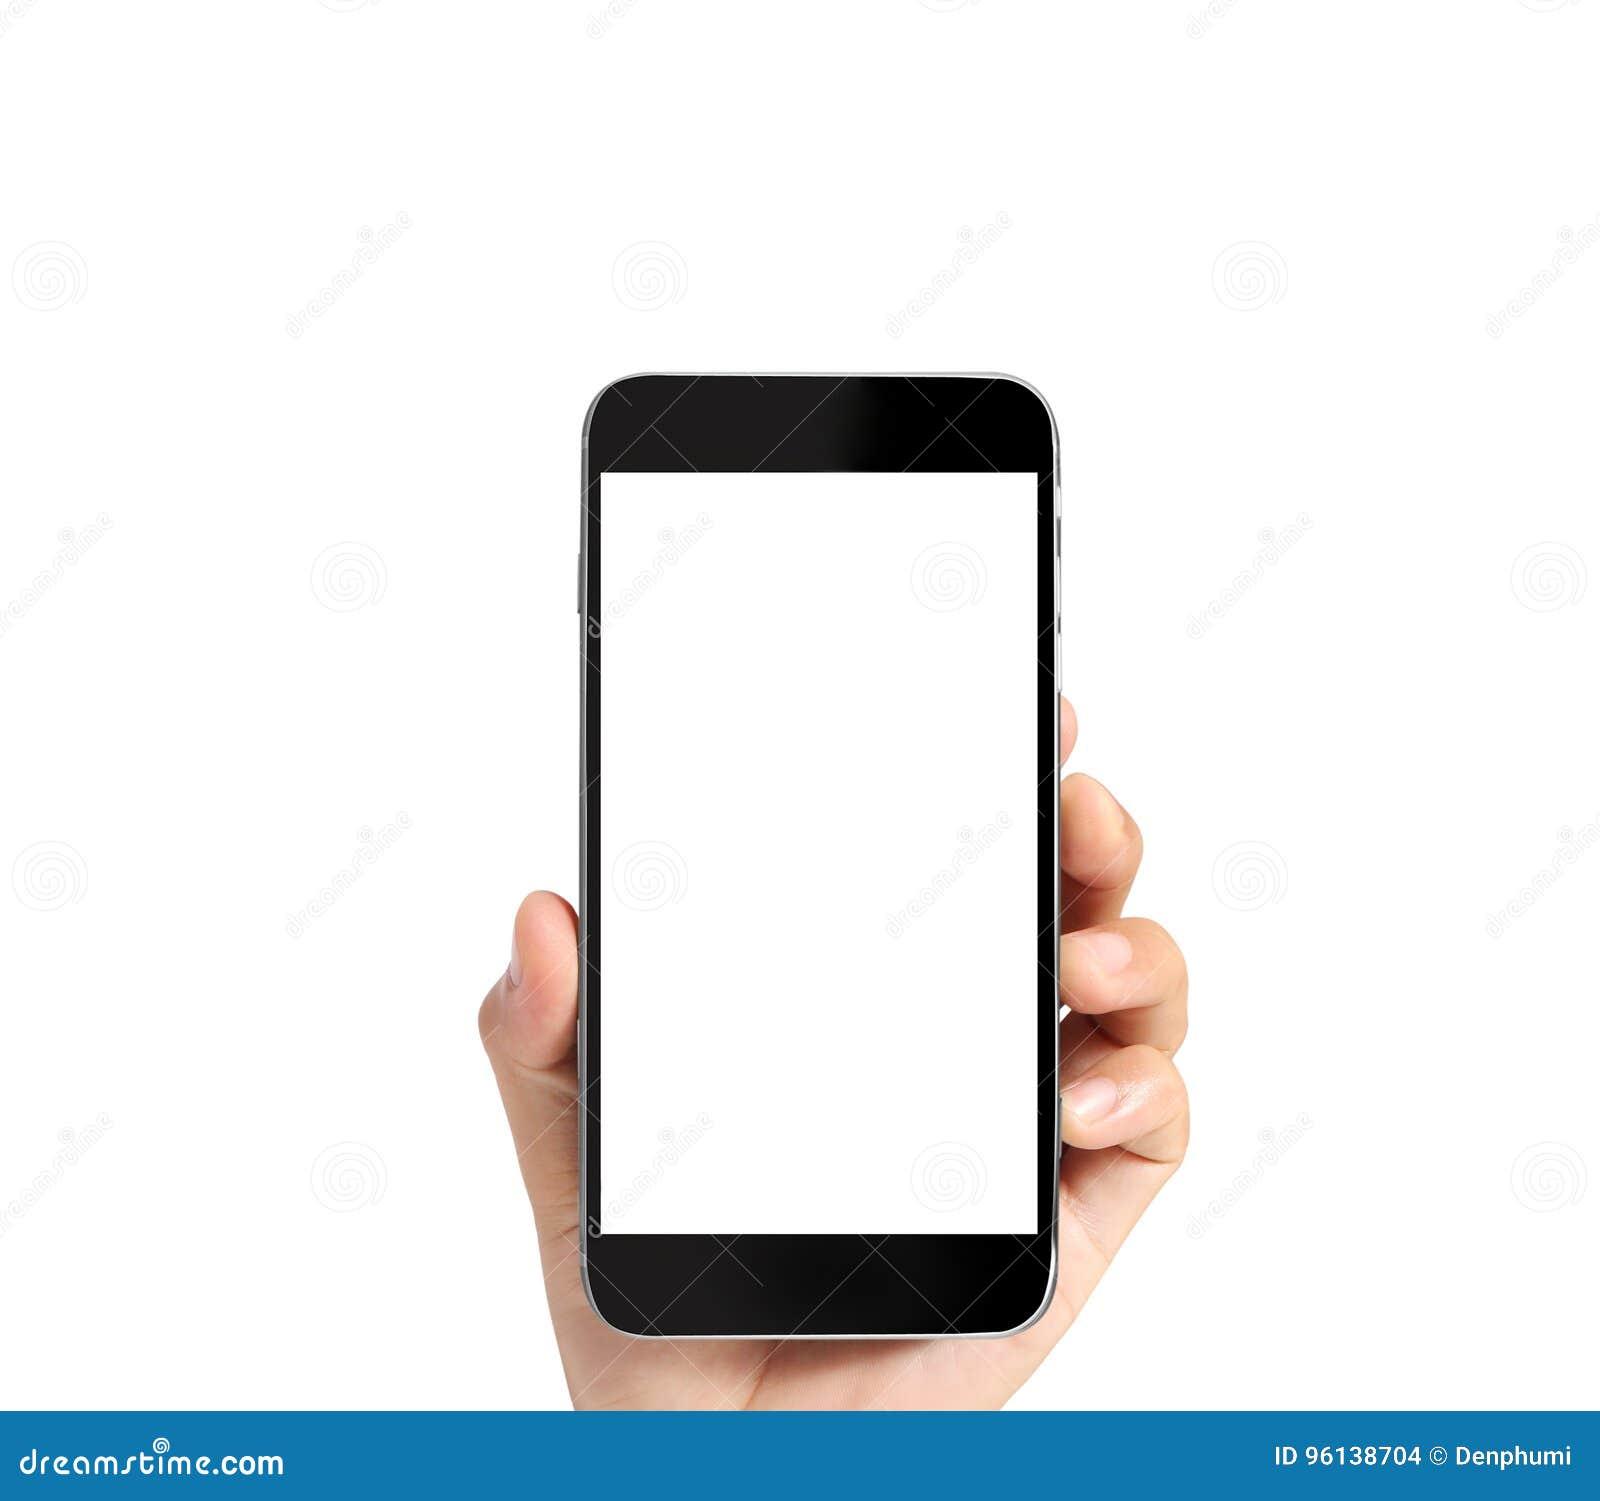 Pekskärmsmartphone i hand